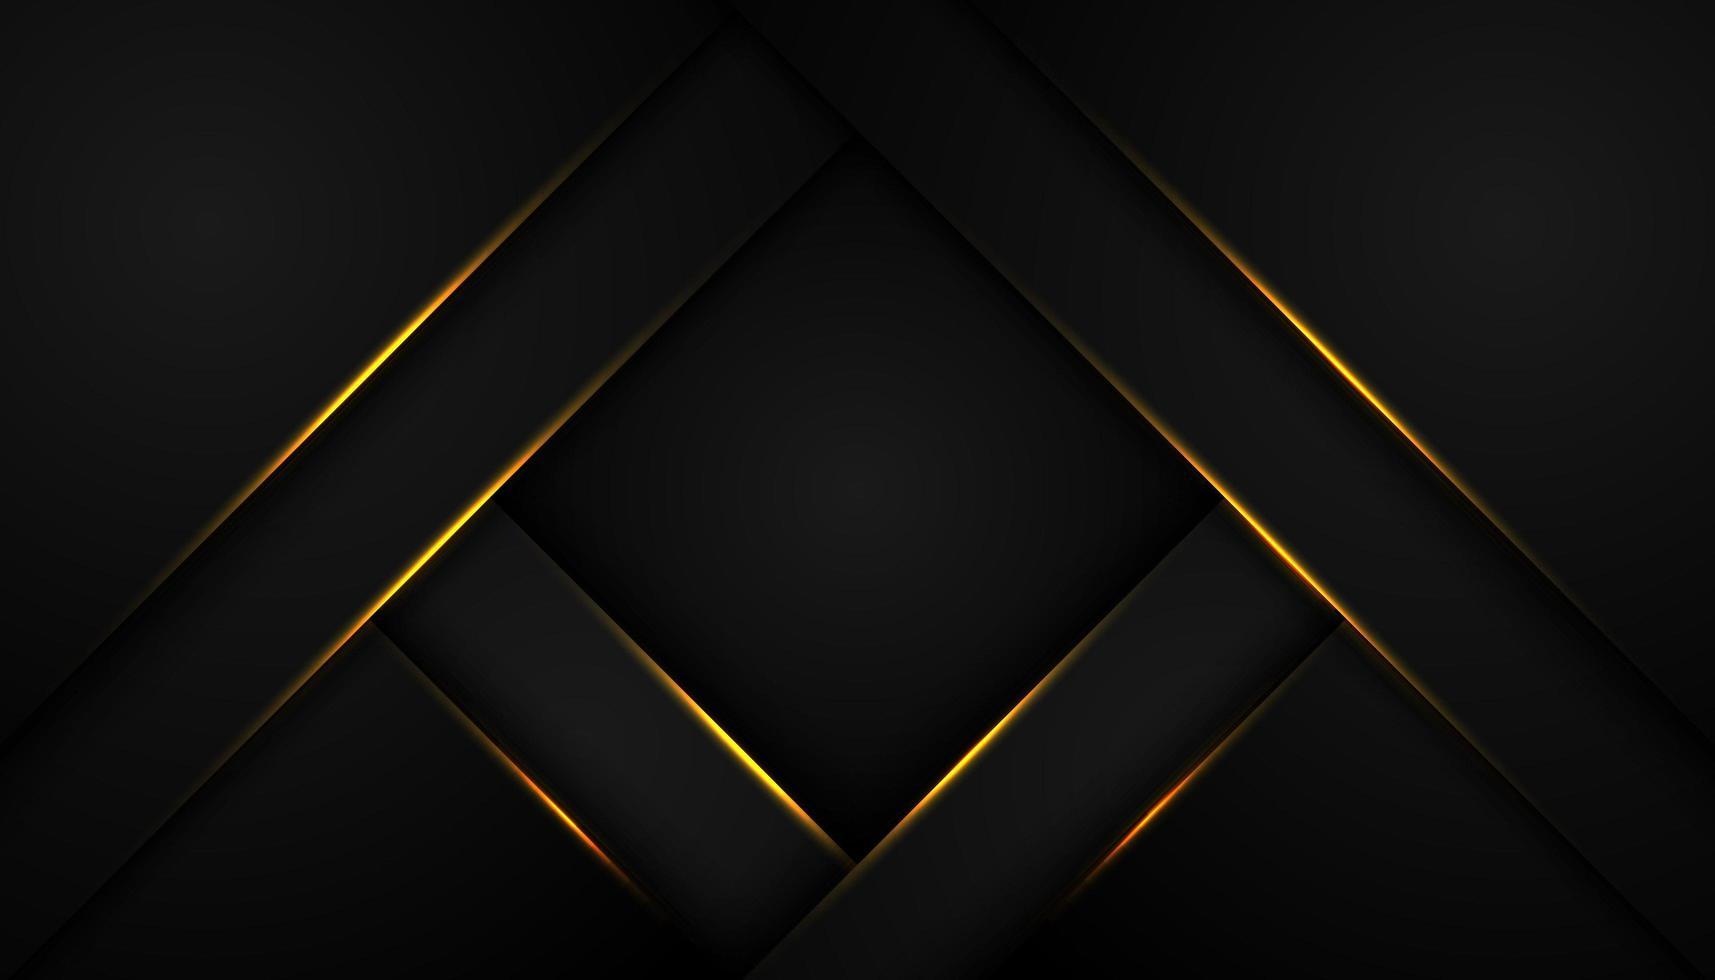 schwarzer abstrakter Hintergrund mit rautenförmigen Schichten vektor